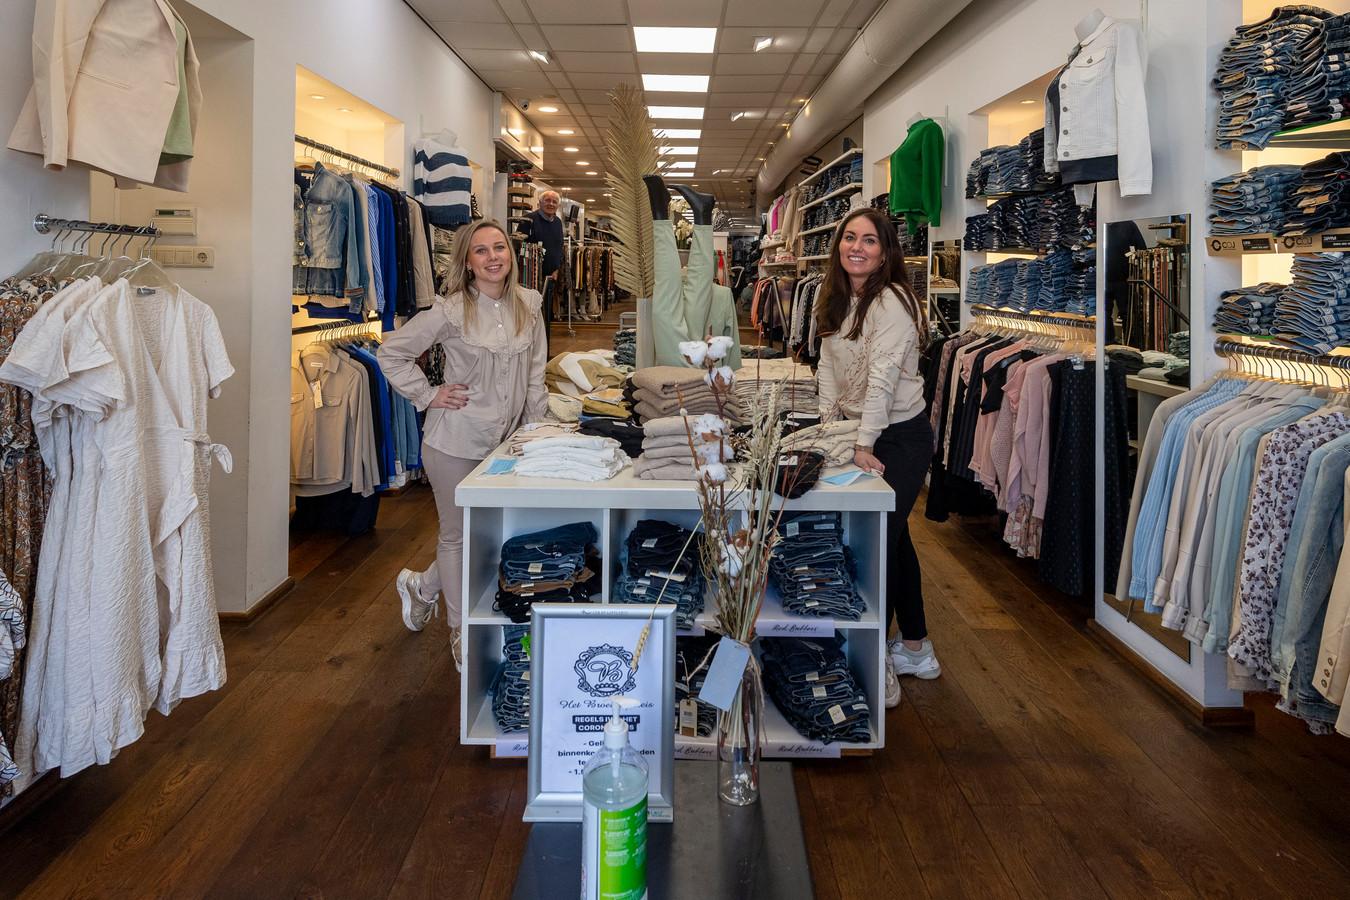 20210303 - BERGEN OP ZOOM  - Pix4Profs/Tonny Presser -  Rozan Schot (eigenaar) & Patty Suijkerbuijk (medewerker) van het Broekenpaleis in de winkel. Links achter op de achtergrond de vader van Rozan.